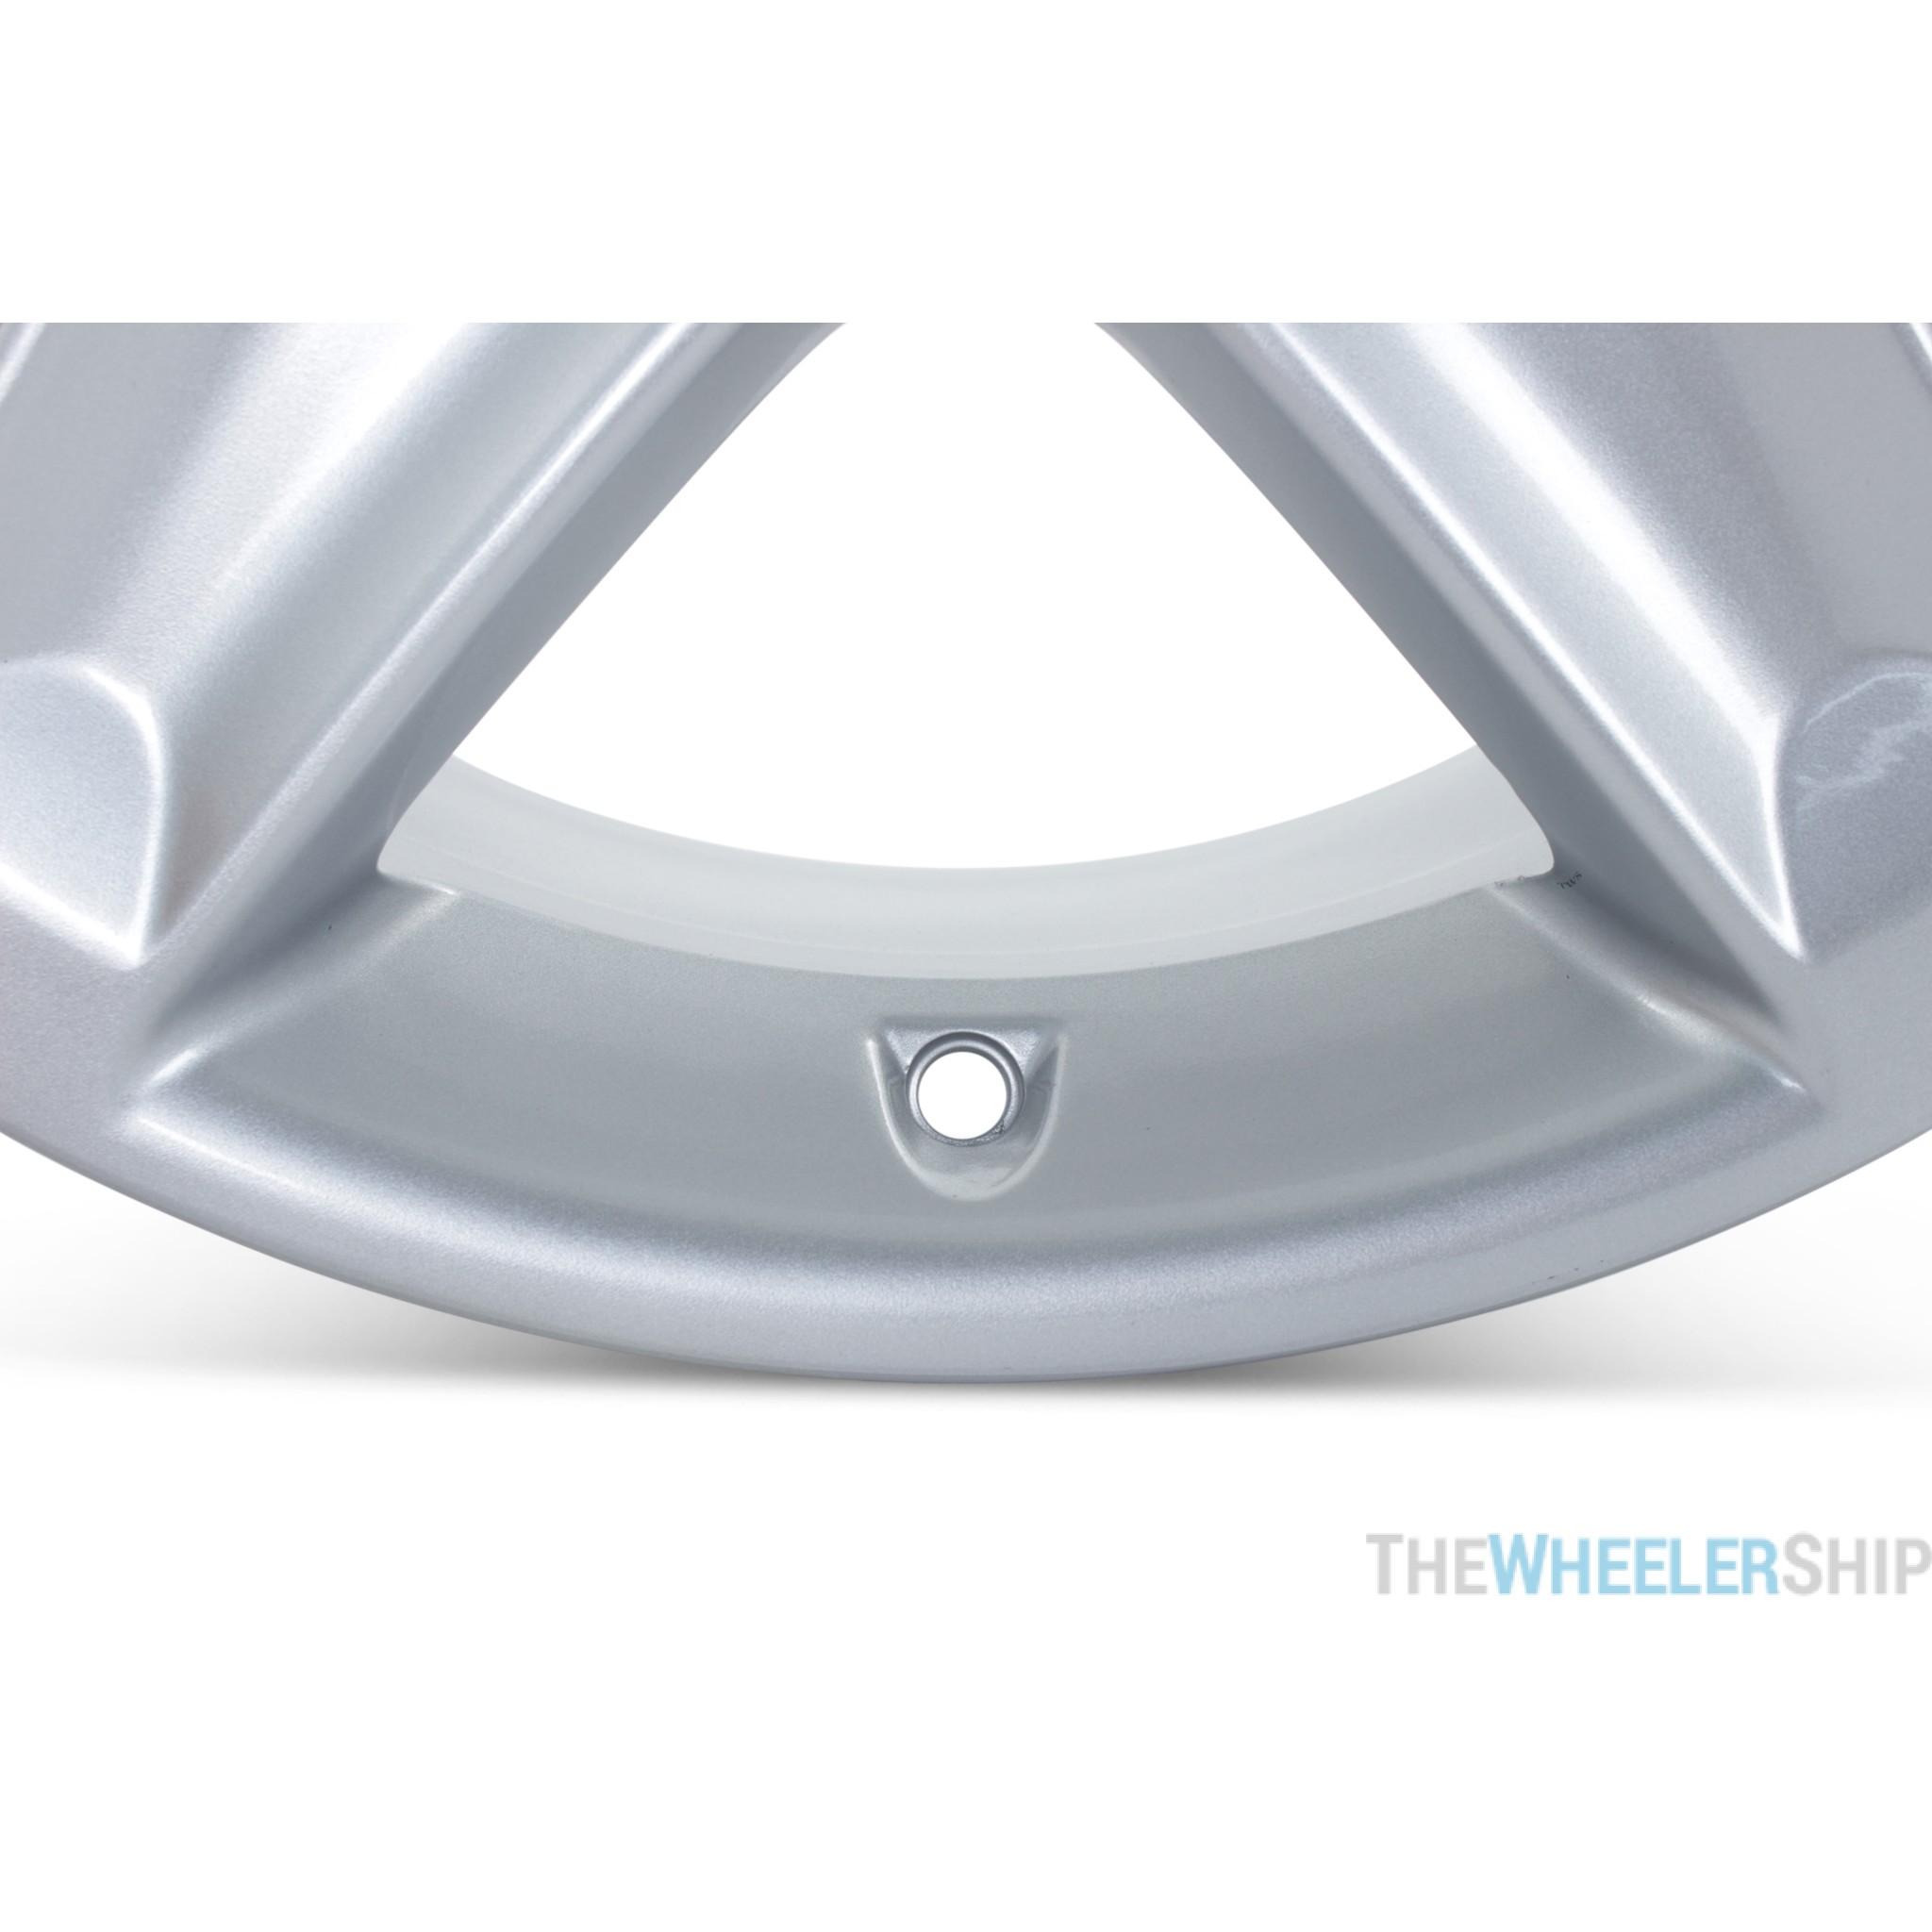 2004-2006 Acura TL Wheels